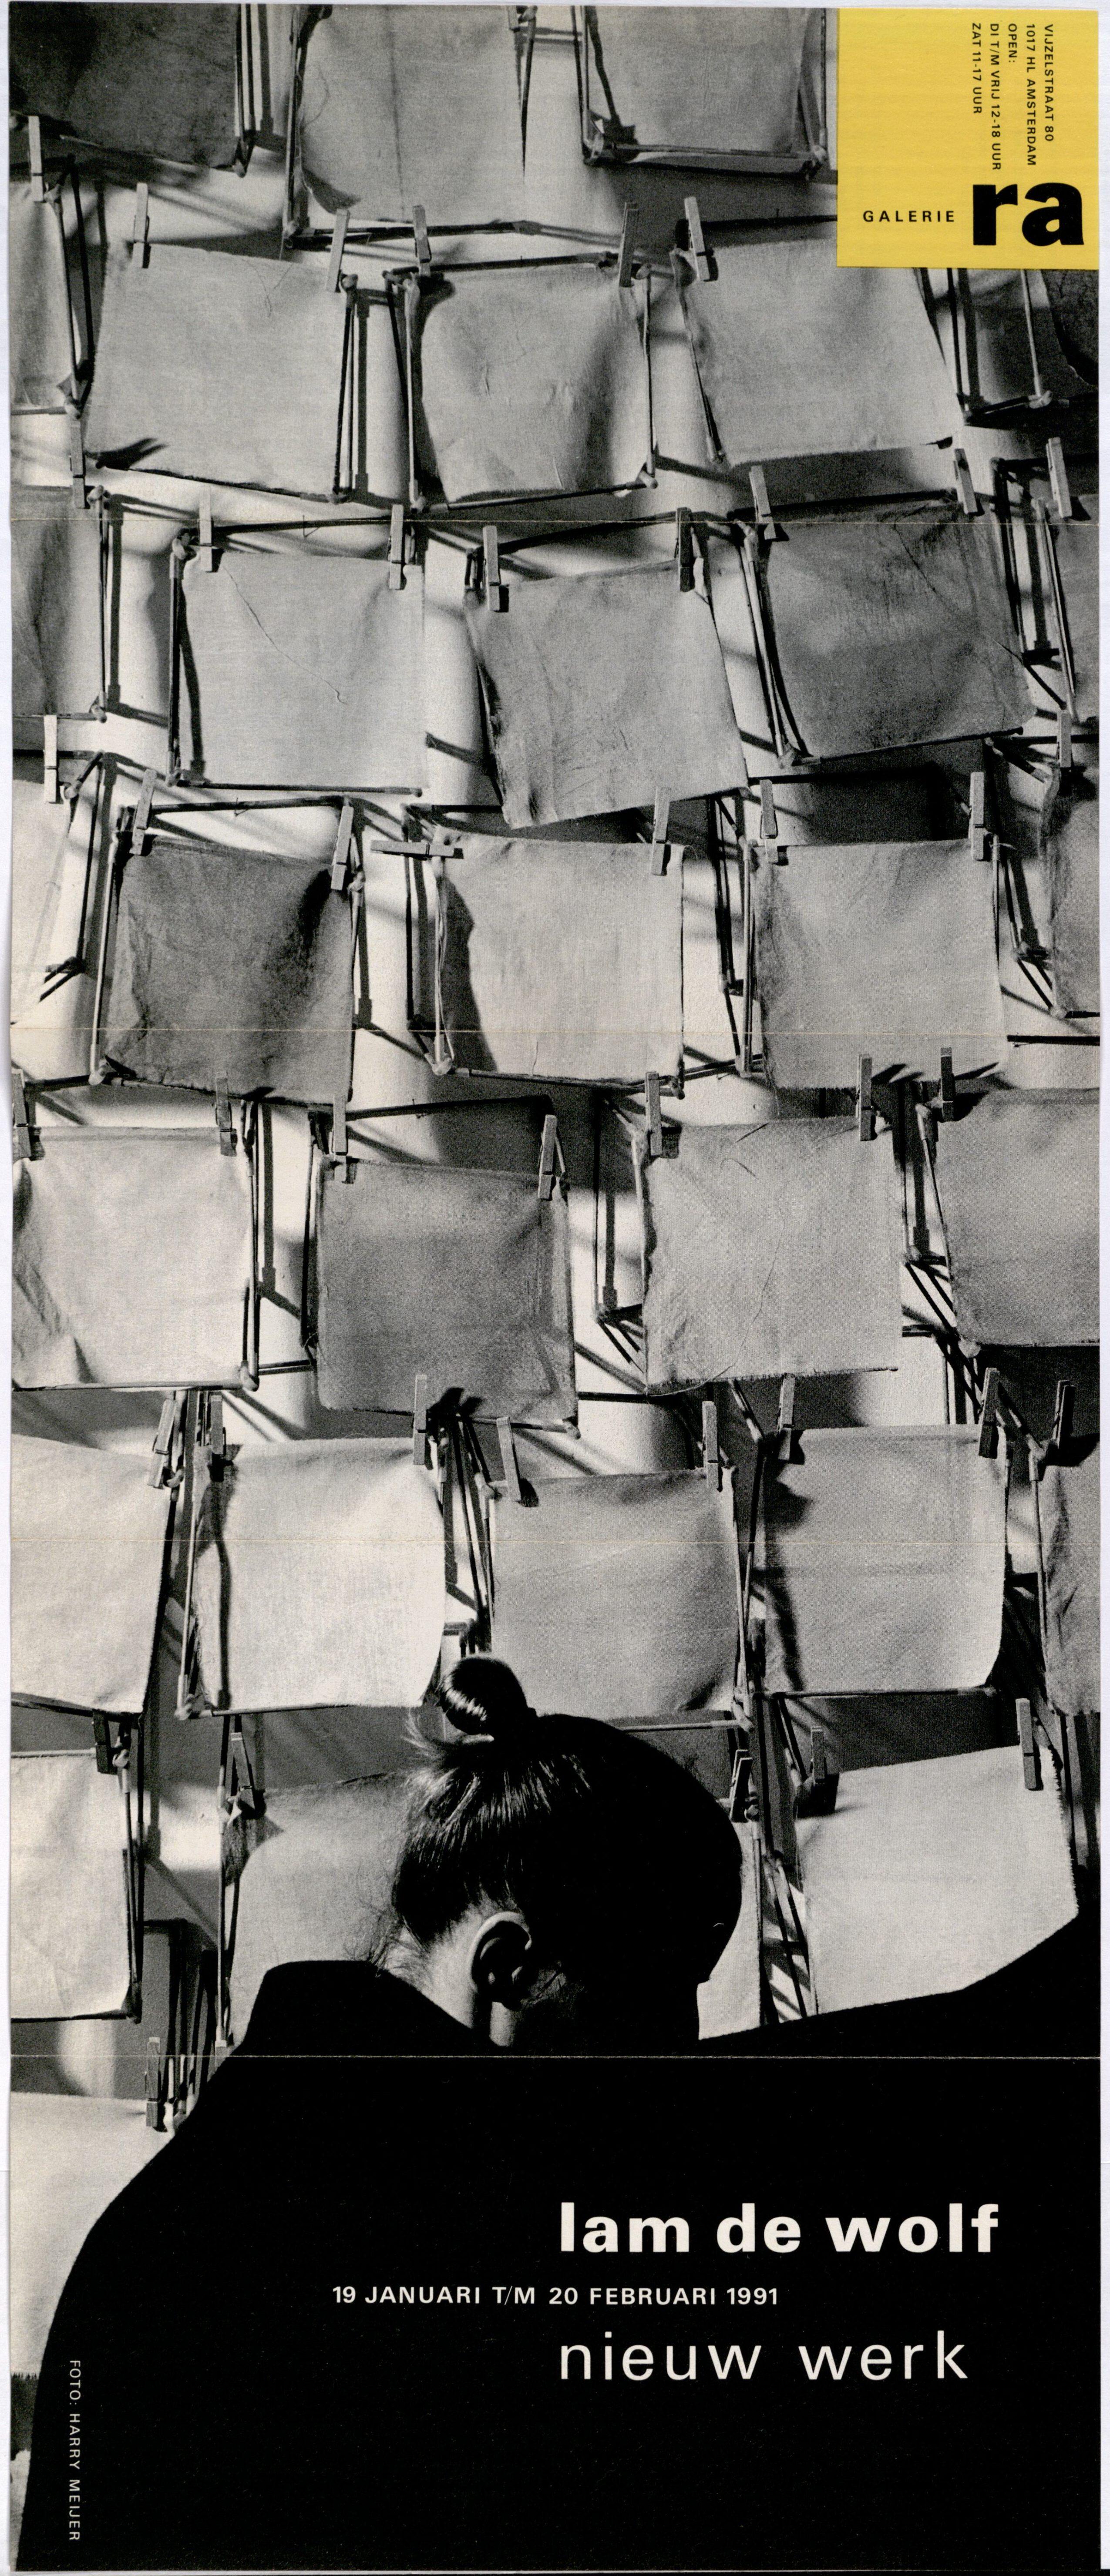 Ra Bulletin 59, januari 1991, voorzijde met foto van Harry Meijer met object van Lam de Wolf, drukwerk, papier, textiel, hout